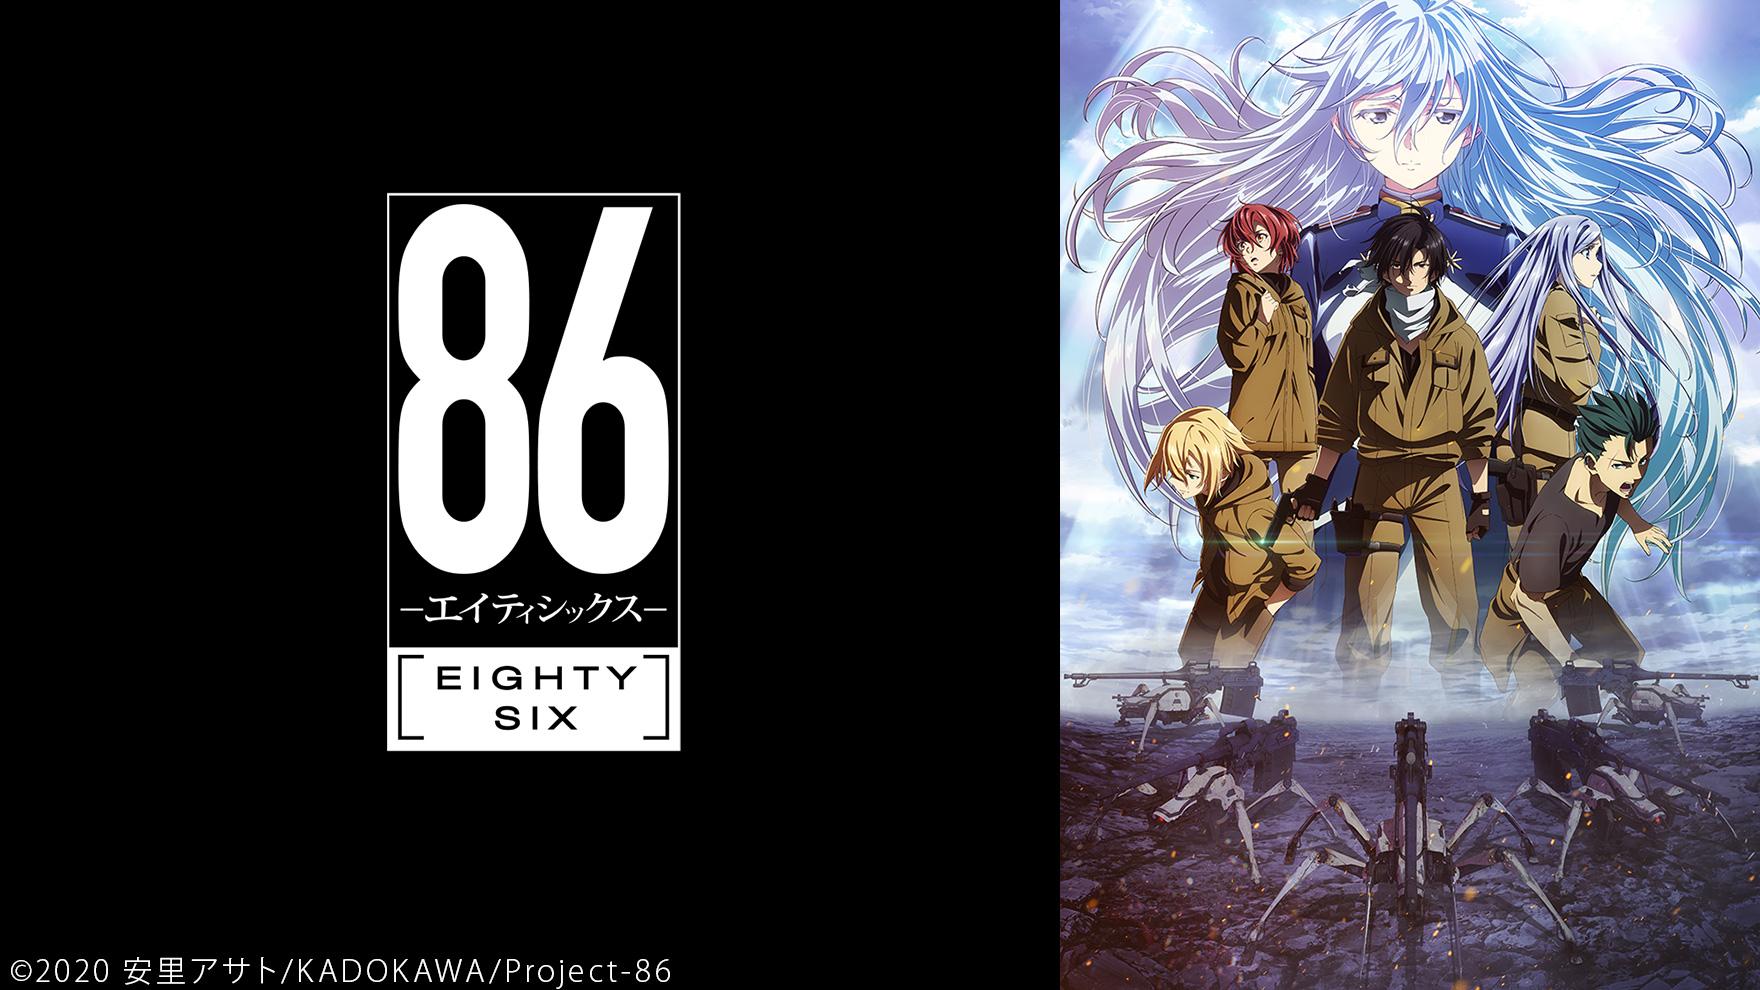 86-エイティシックス-のサムネイル